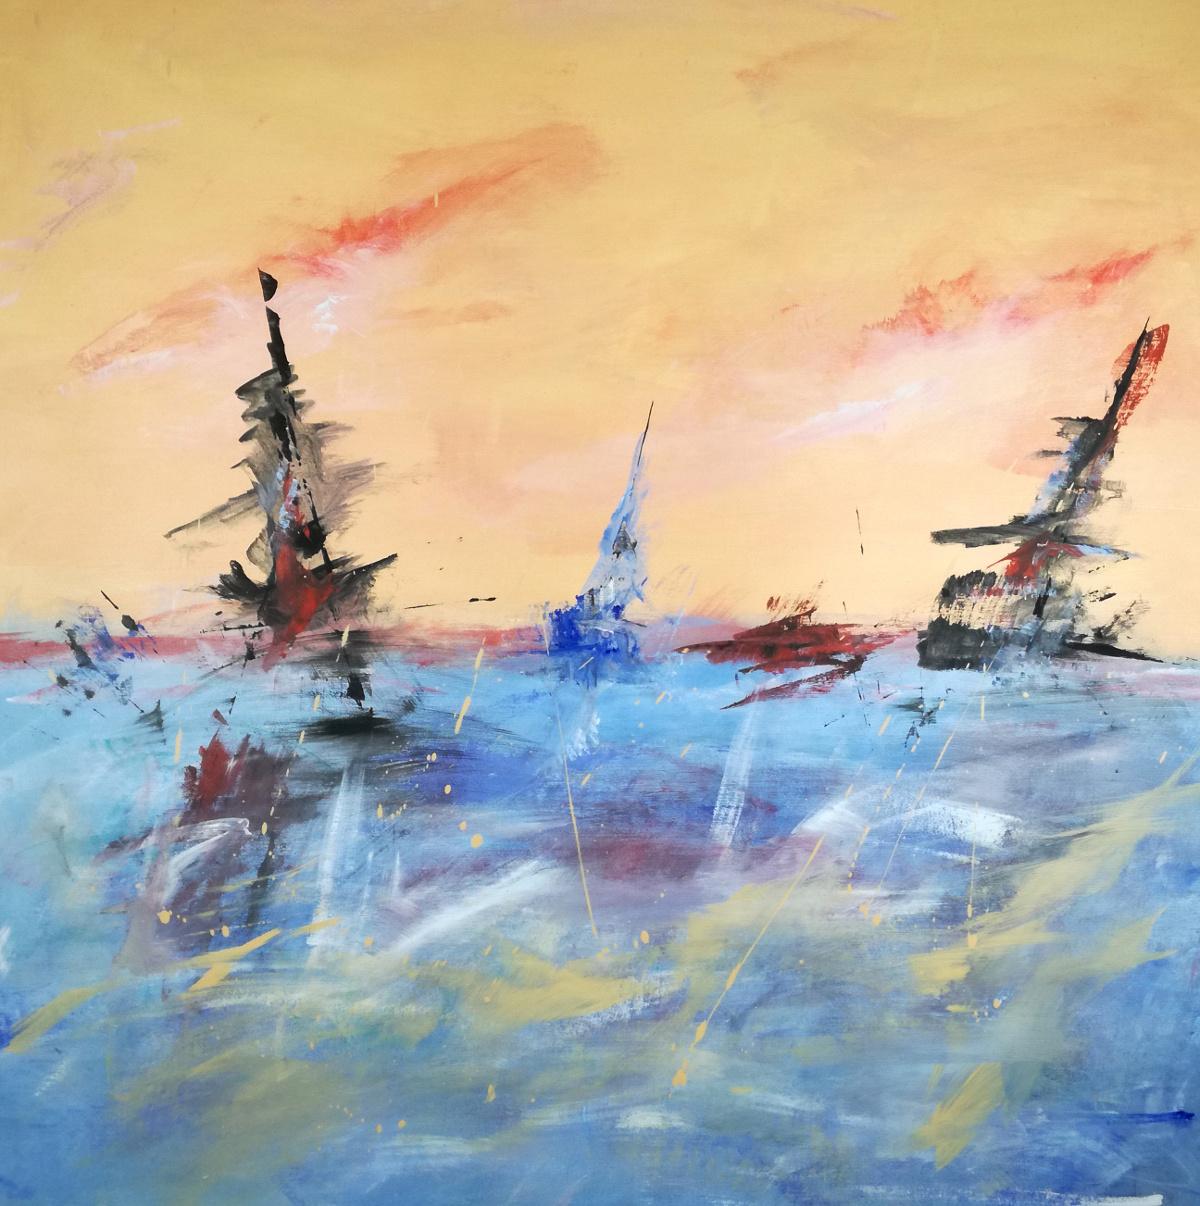 quadri astratti paesaggio c066 - quadri astratti paesaggio